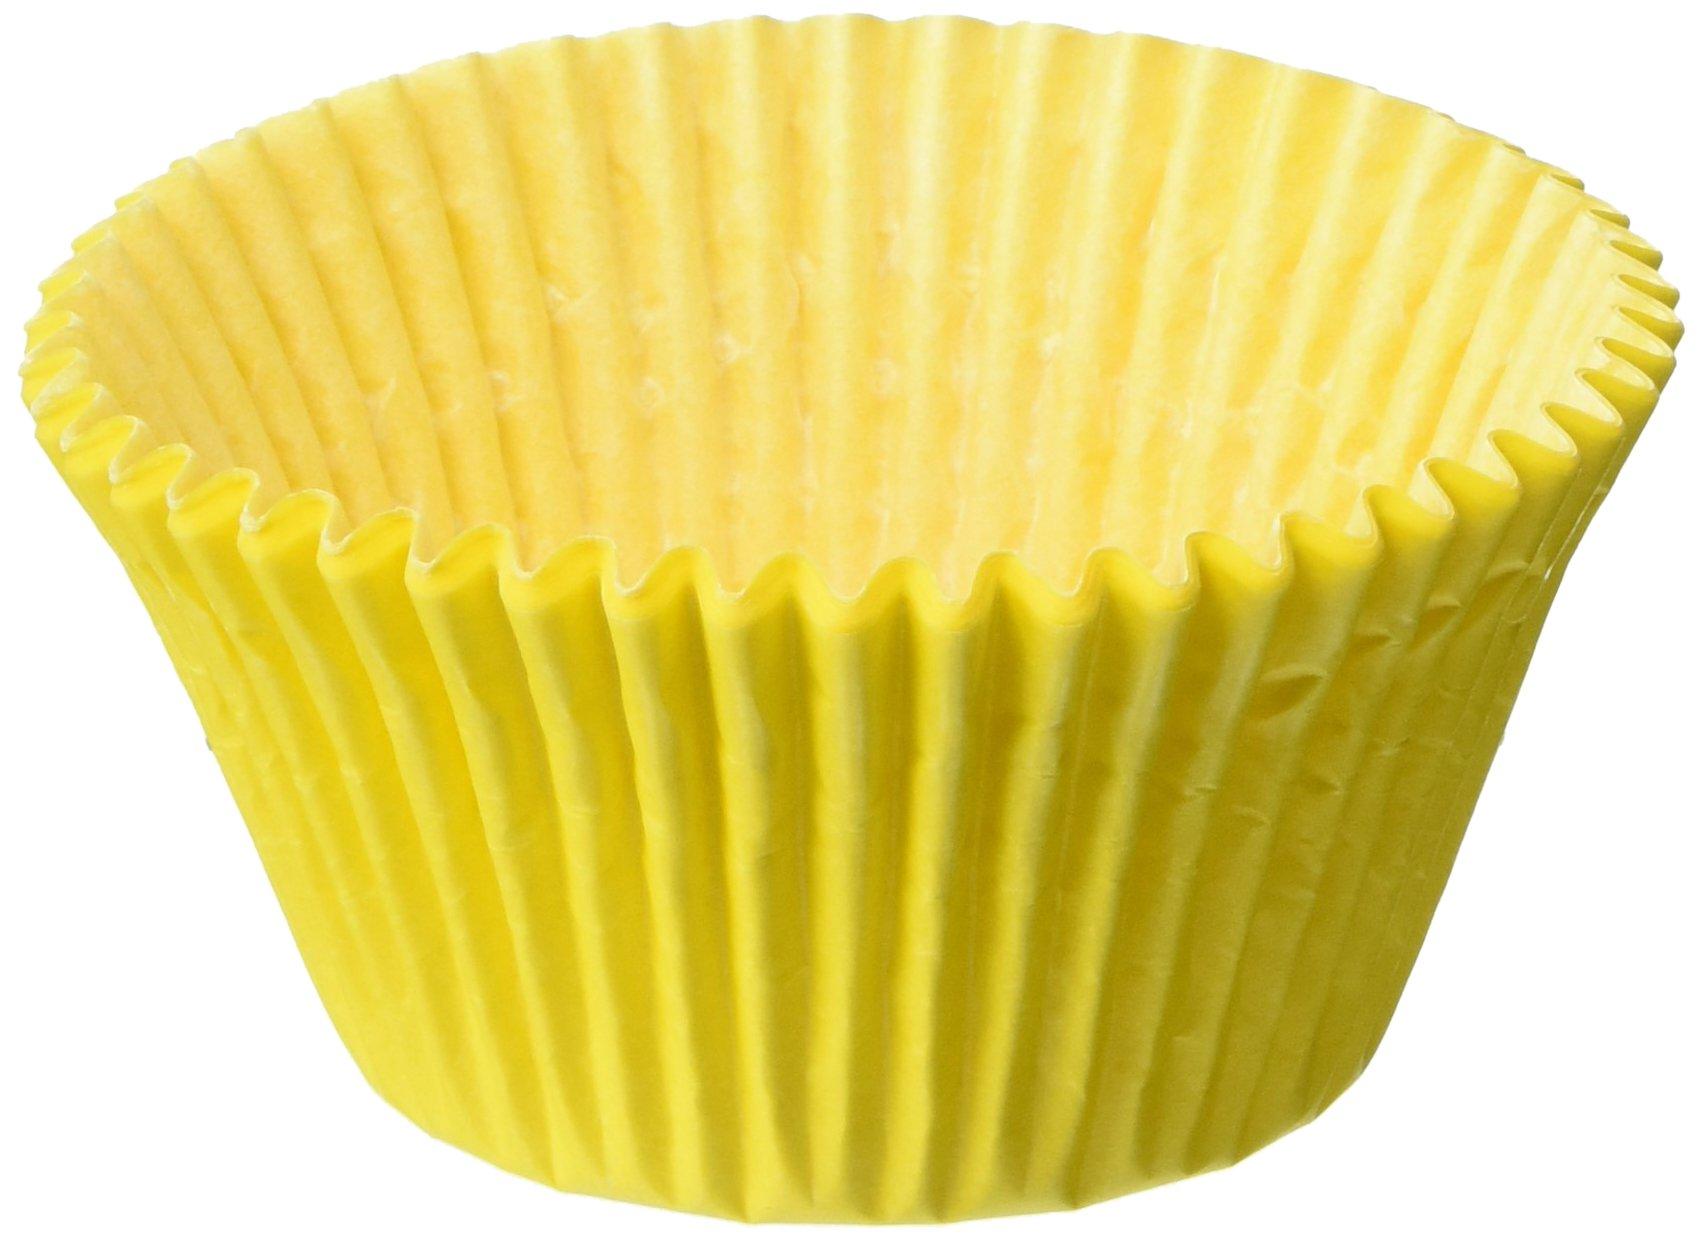 Oasis Supply Baking Cups, Jumbo, 100-Count, Yellow